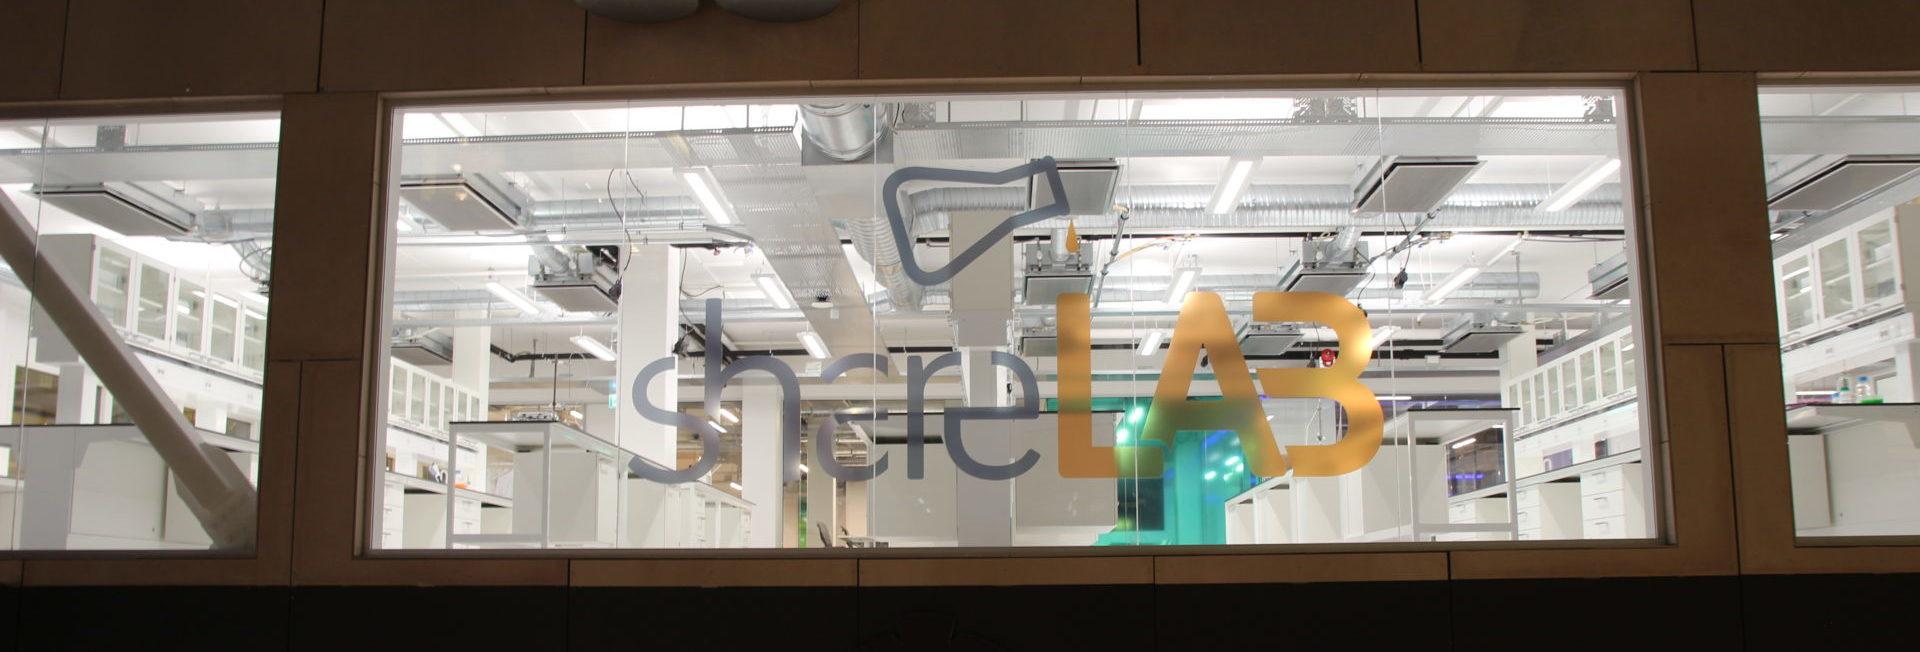 ShareLab Lab